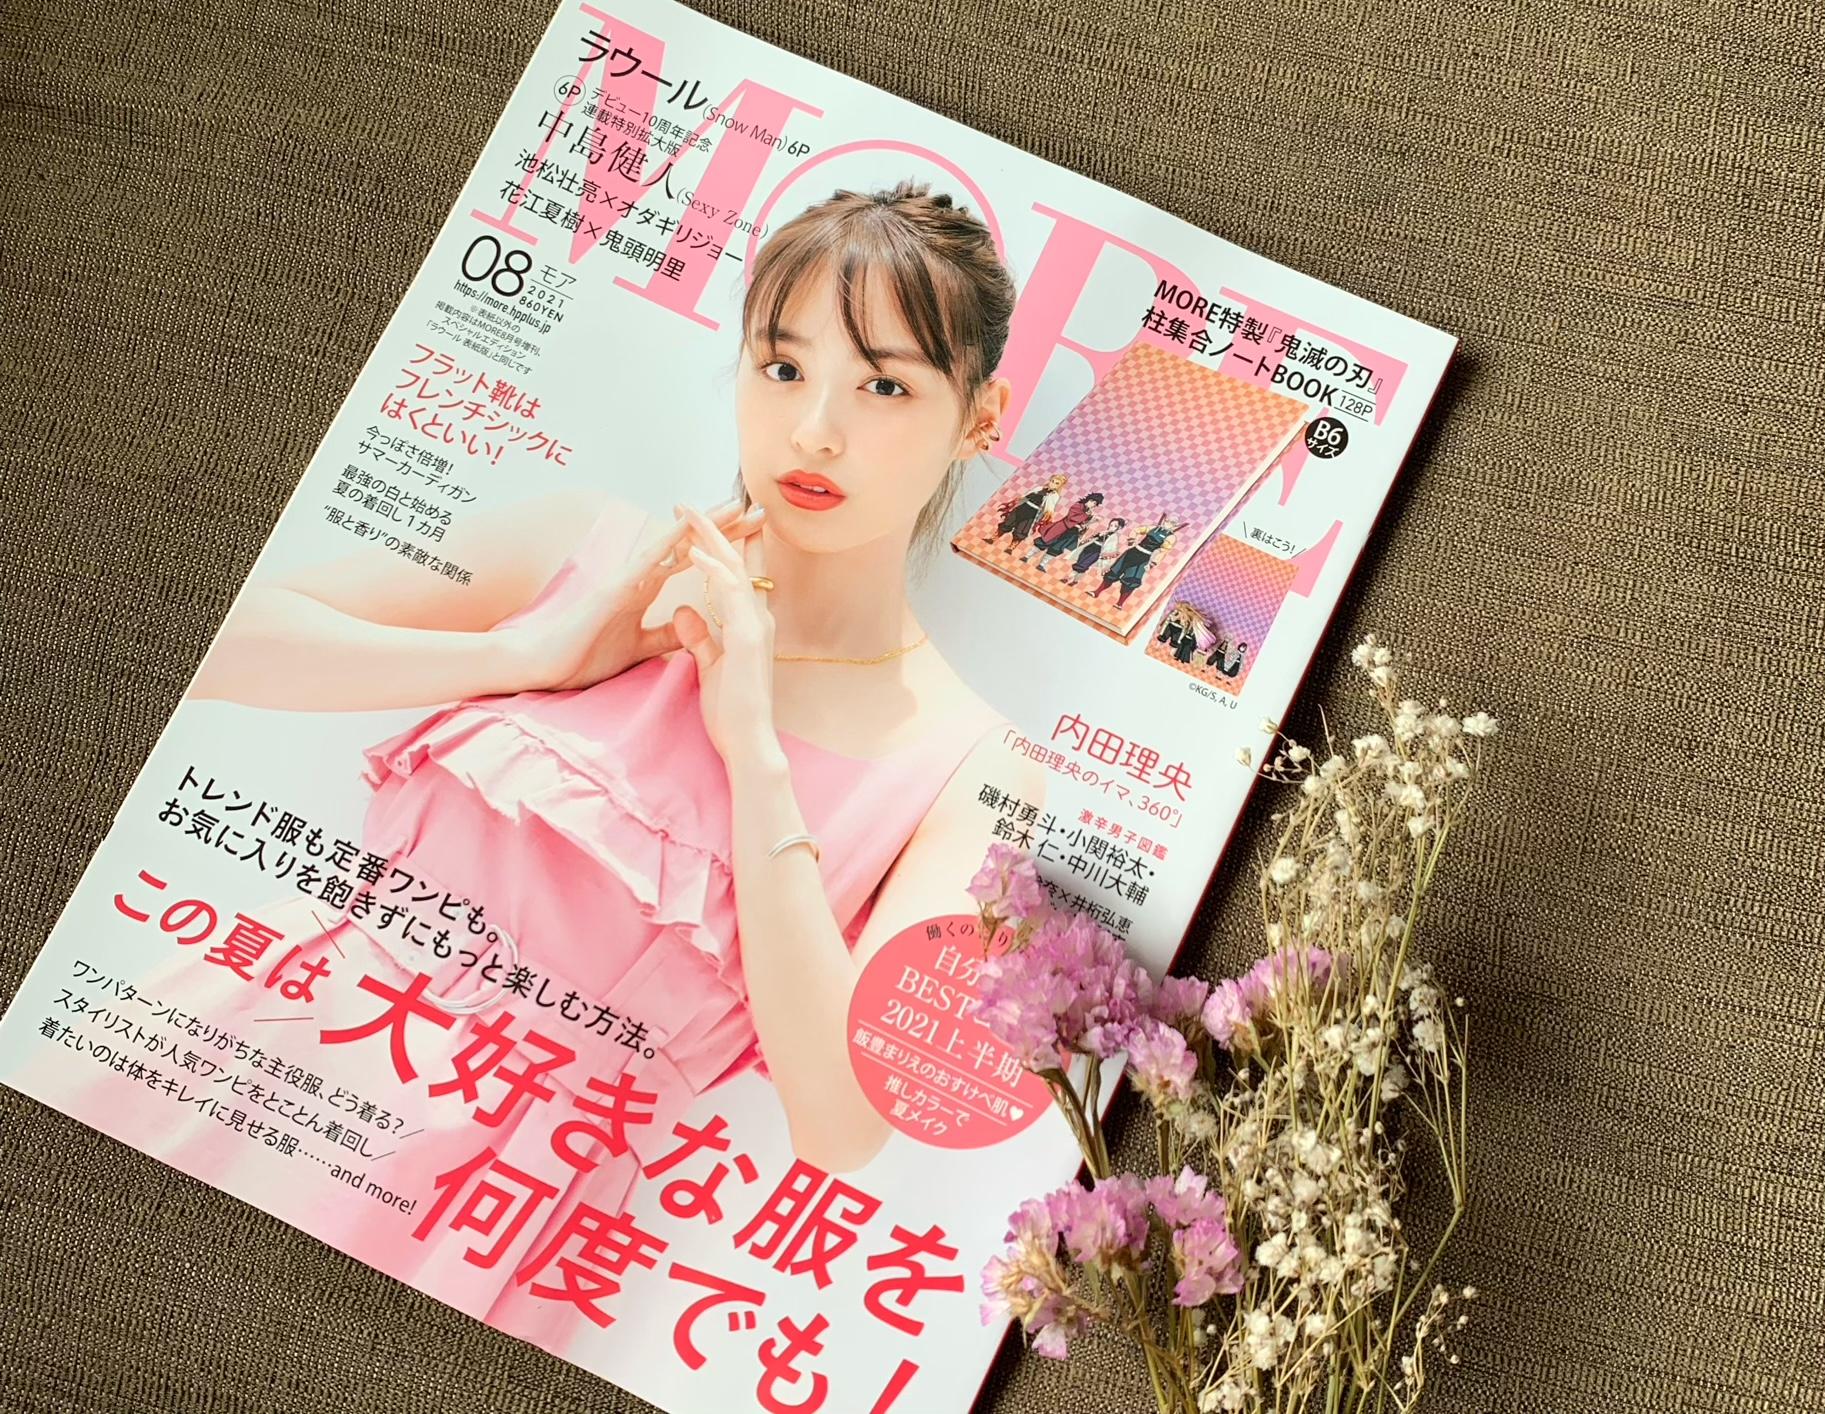 【8月号MORE】ピンクのかわいい表紙が目を引く!付録は鬼滅の刃の便利ノート!_1